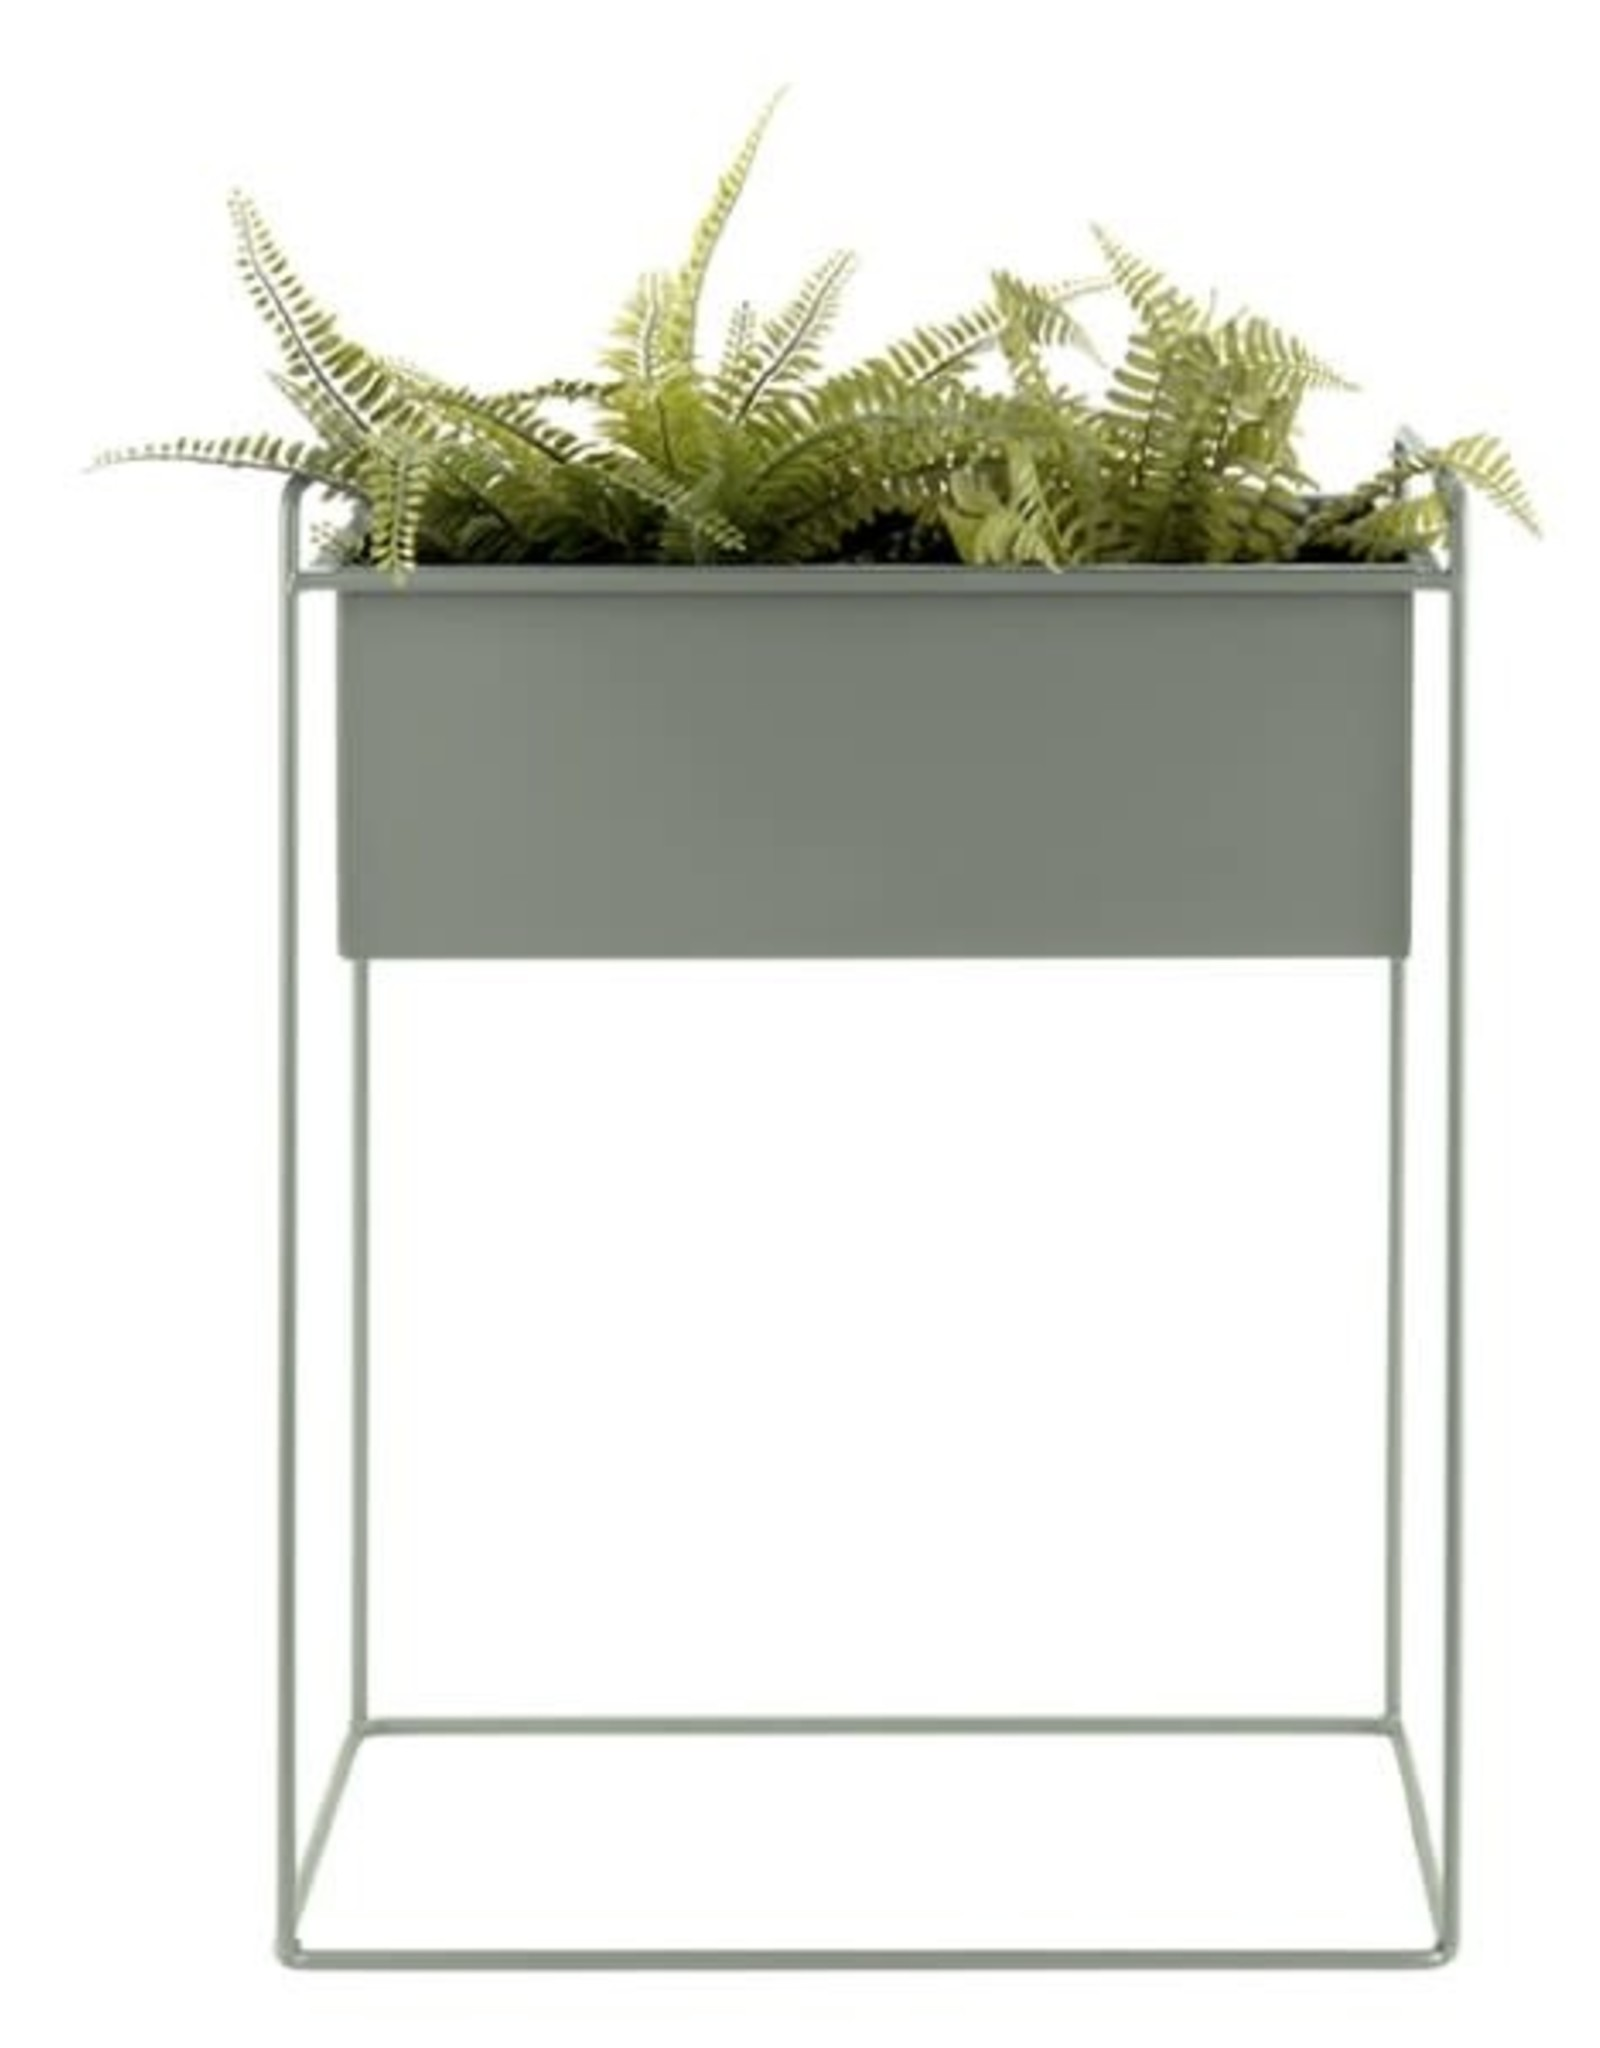 pt Ijzeren plantenbak op poten M [rechthoekig] 43 x 18,5 x 55 cm - Jungle groen